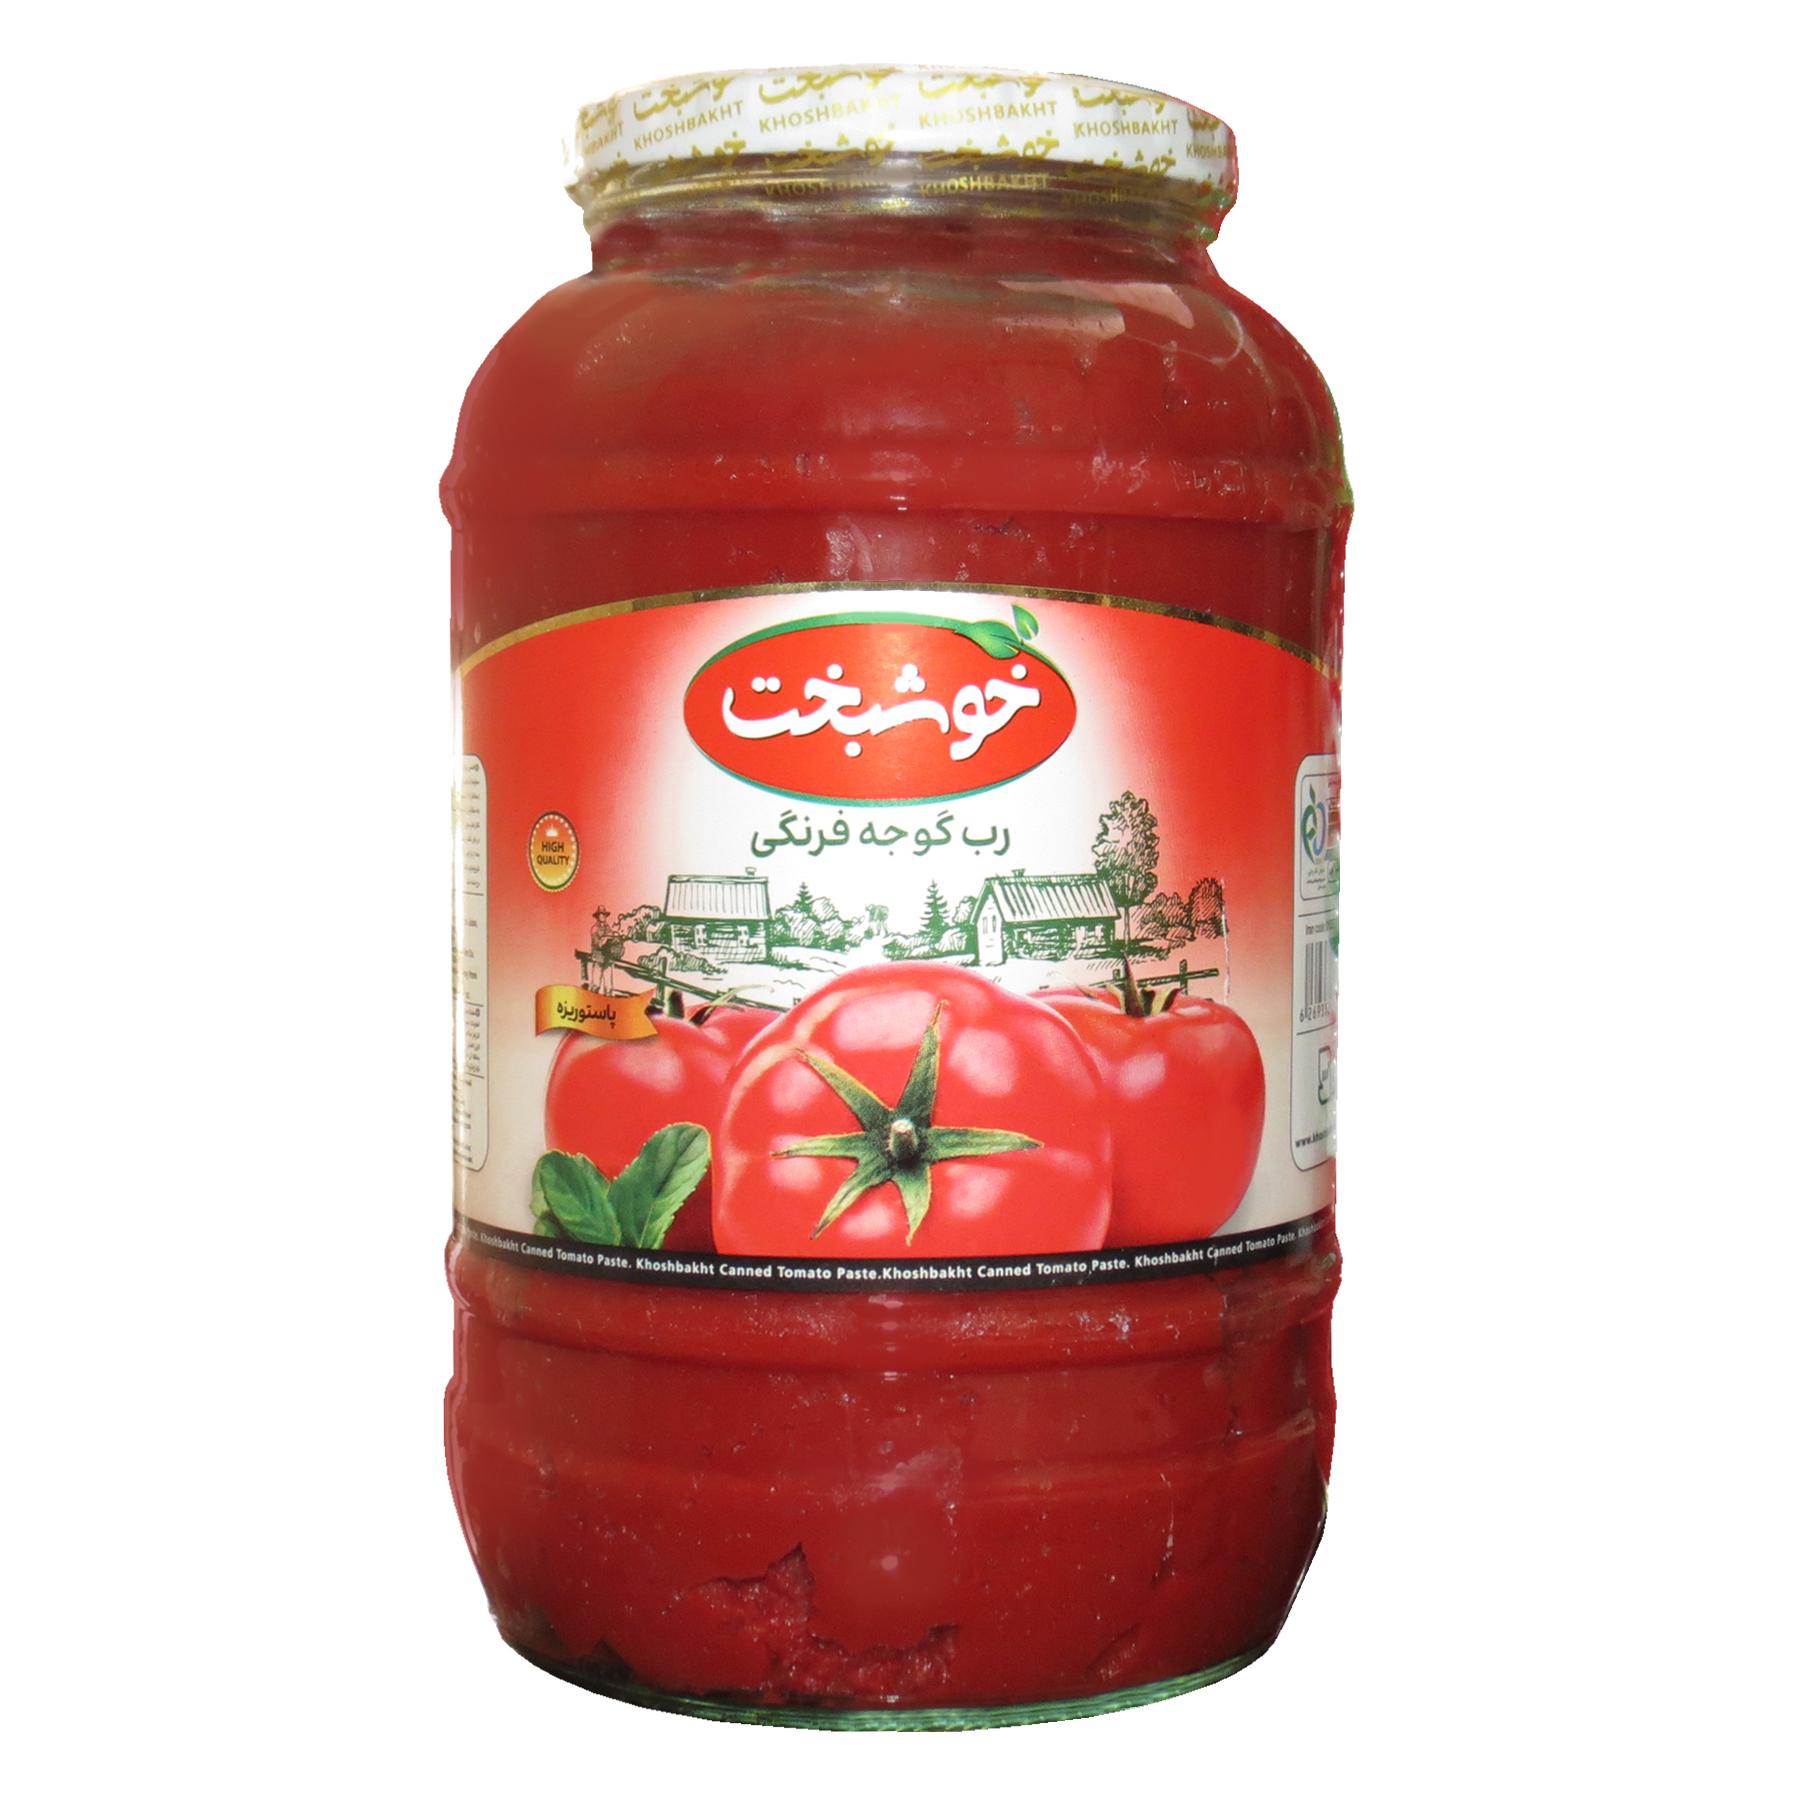 رب گوجه فرنگی خوشبخت - 1500 گرم